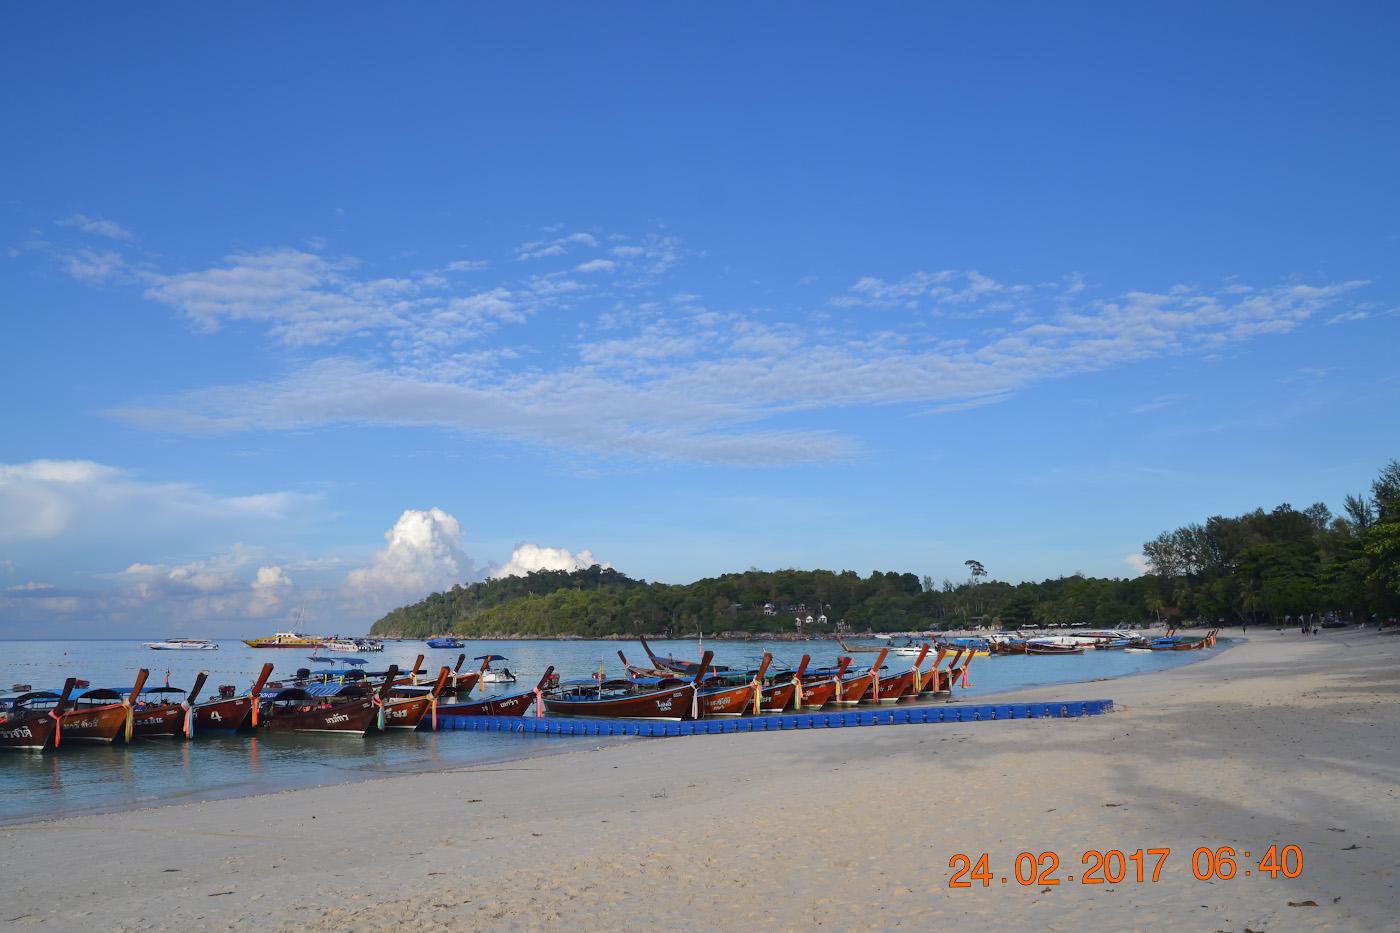 Фотография 9. Вид на пляж Паттайя на острове Ко Липе. Стоит ли ехать отдыхать в Таиланд самостоятельно? 1/400, 10.0, 100, 55.